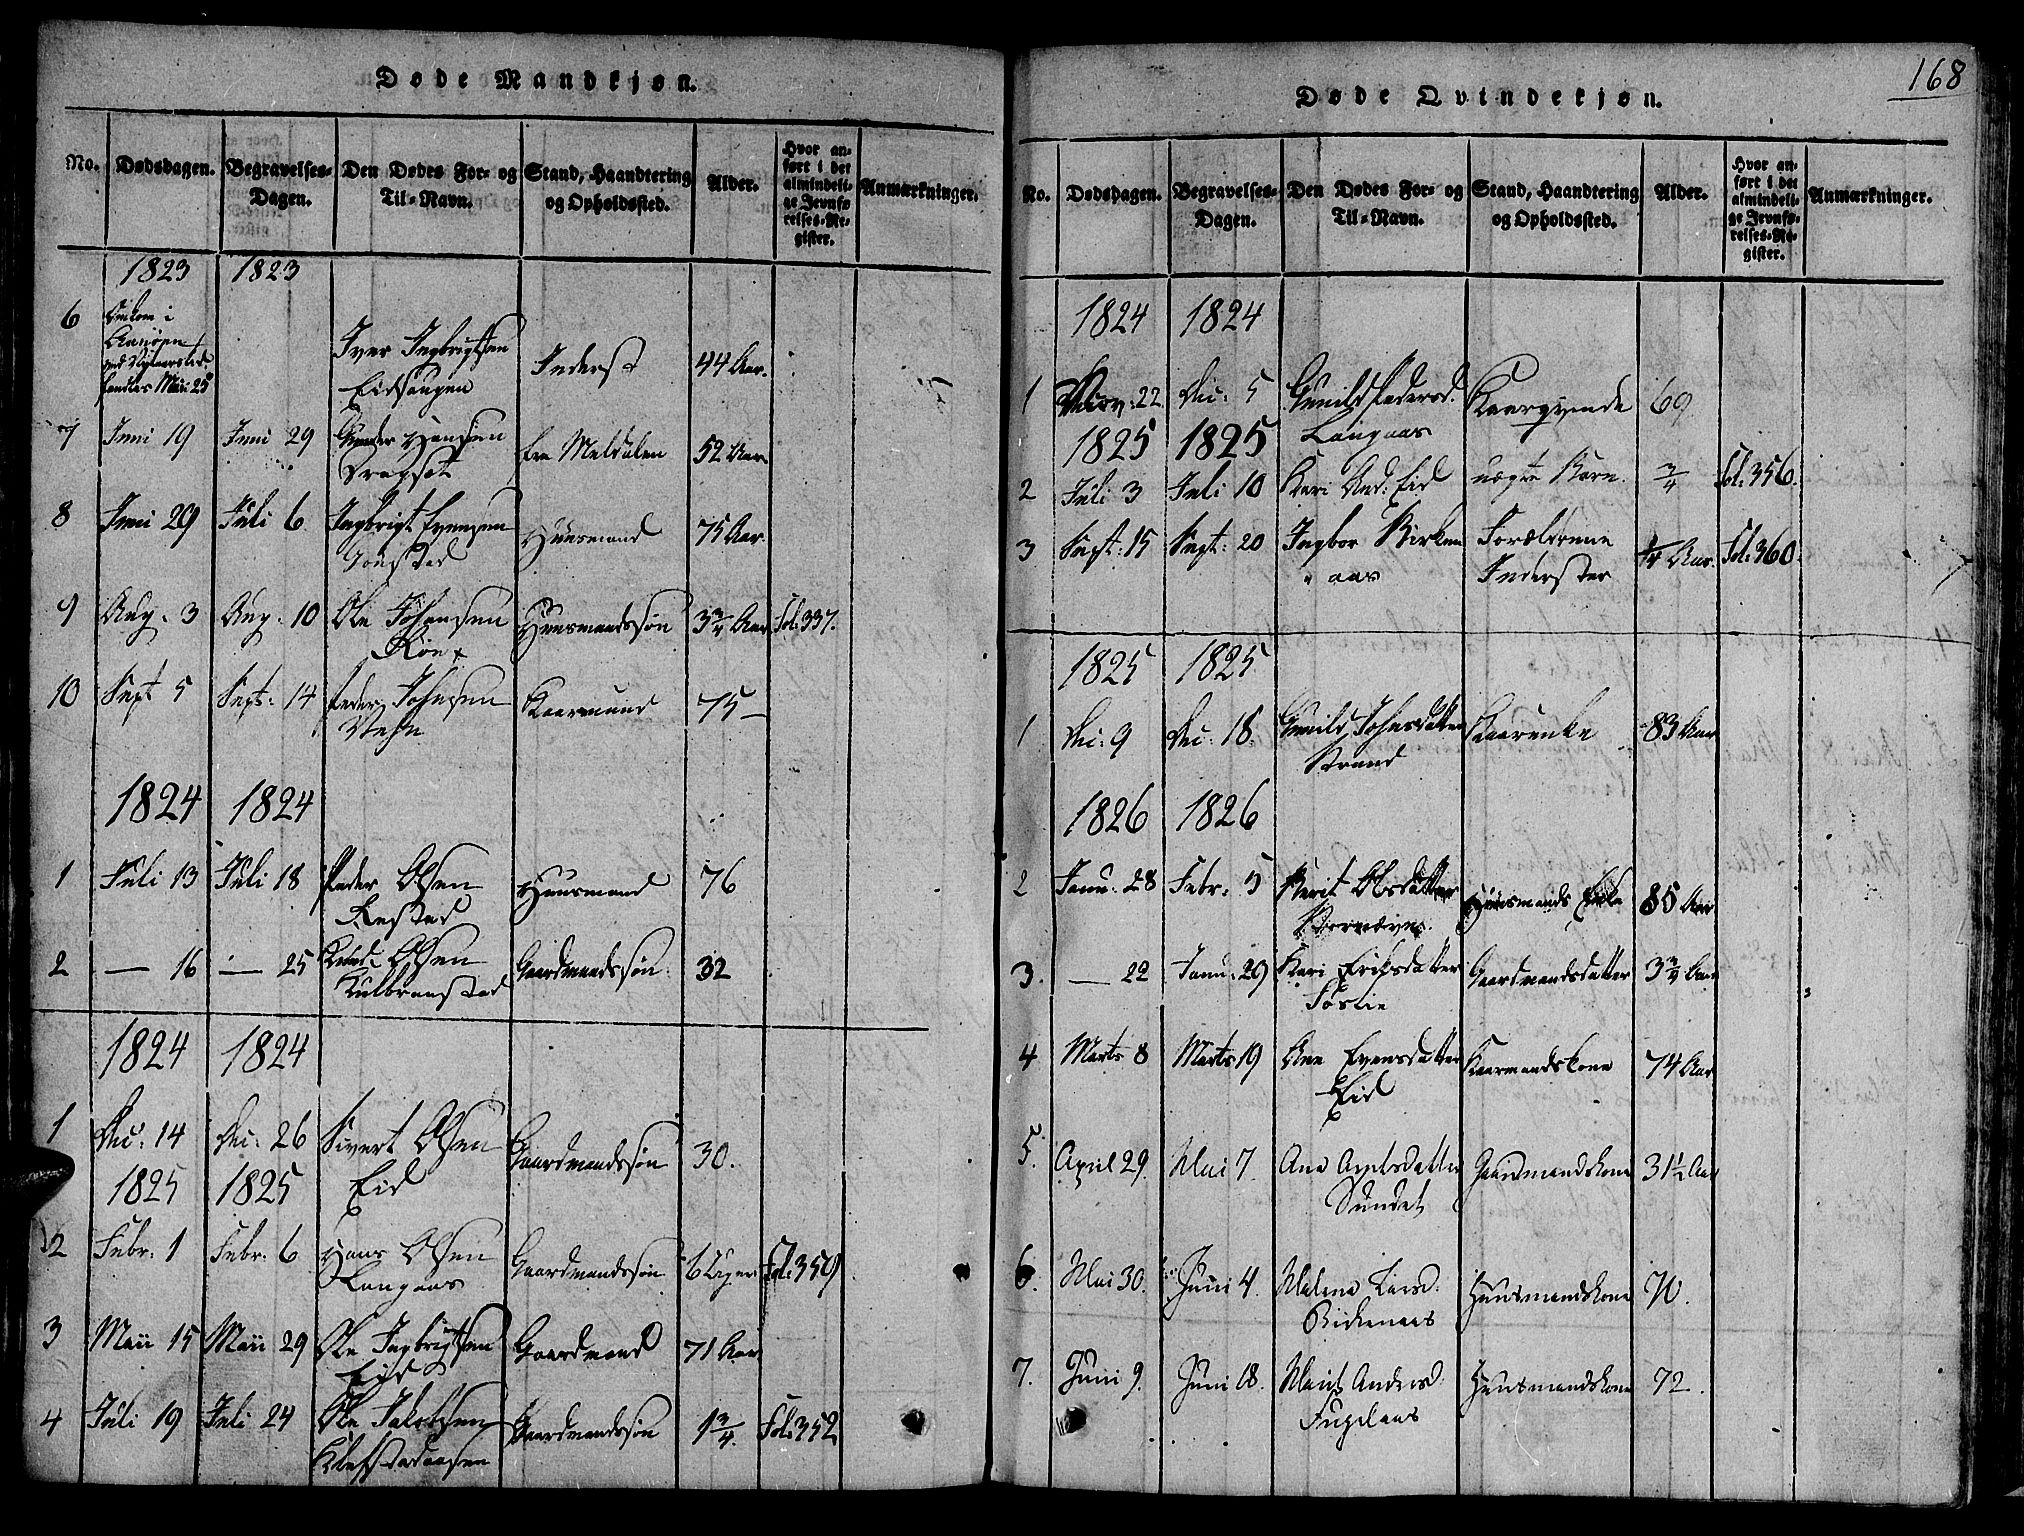 SAT, Ministerialprotokoller, klokkerbøker og fødselsregistre - Sør-Trøndelag, 691/L1068: Ministerialbok nr. 691A03 /4, 1816-1826, s. 168